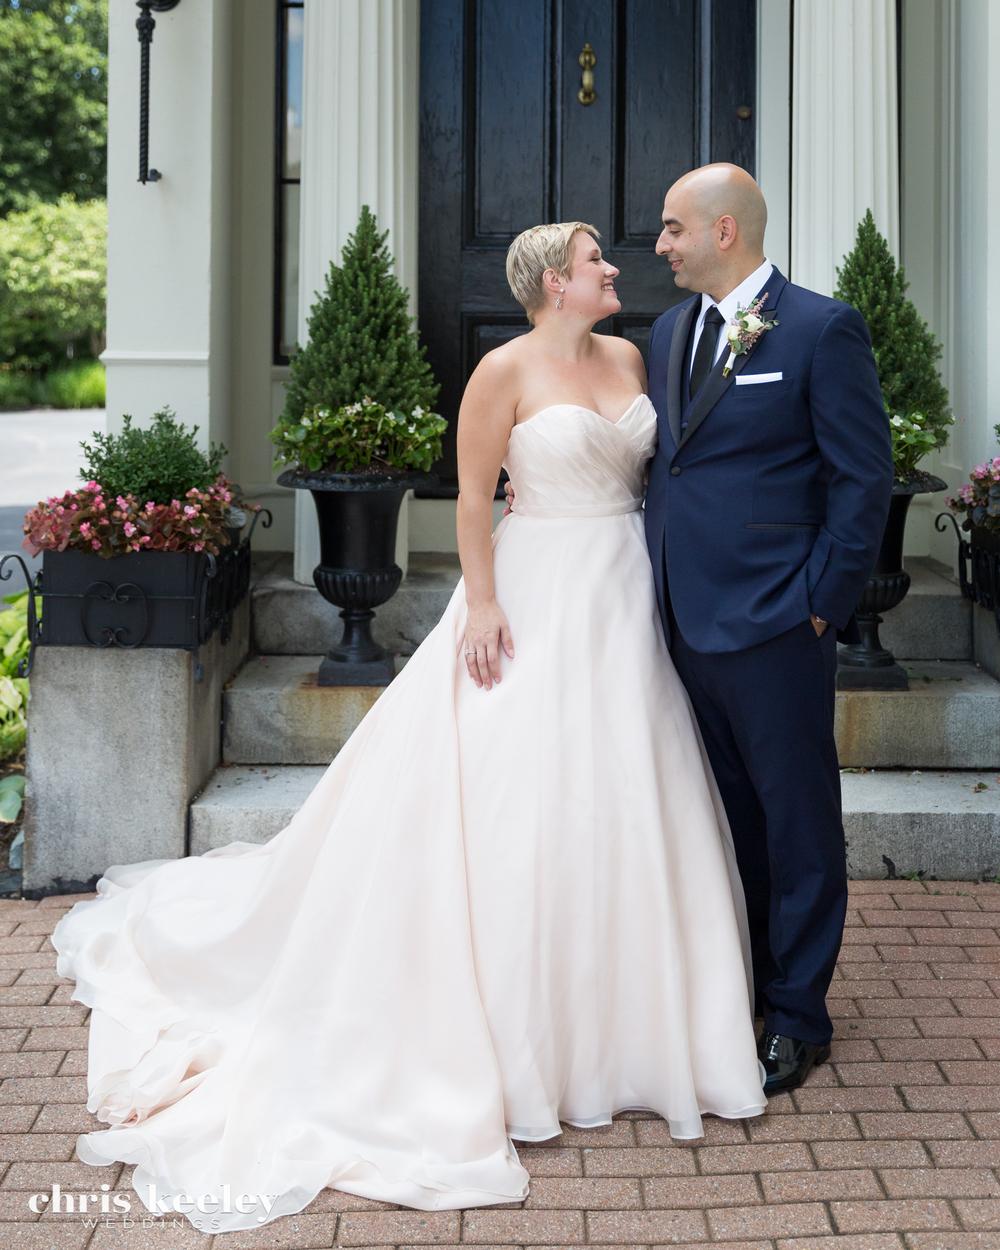 1130-Chris-Keeley-Weddings-207 wmk.jpg